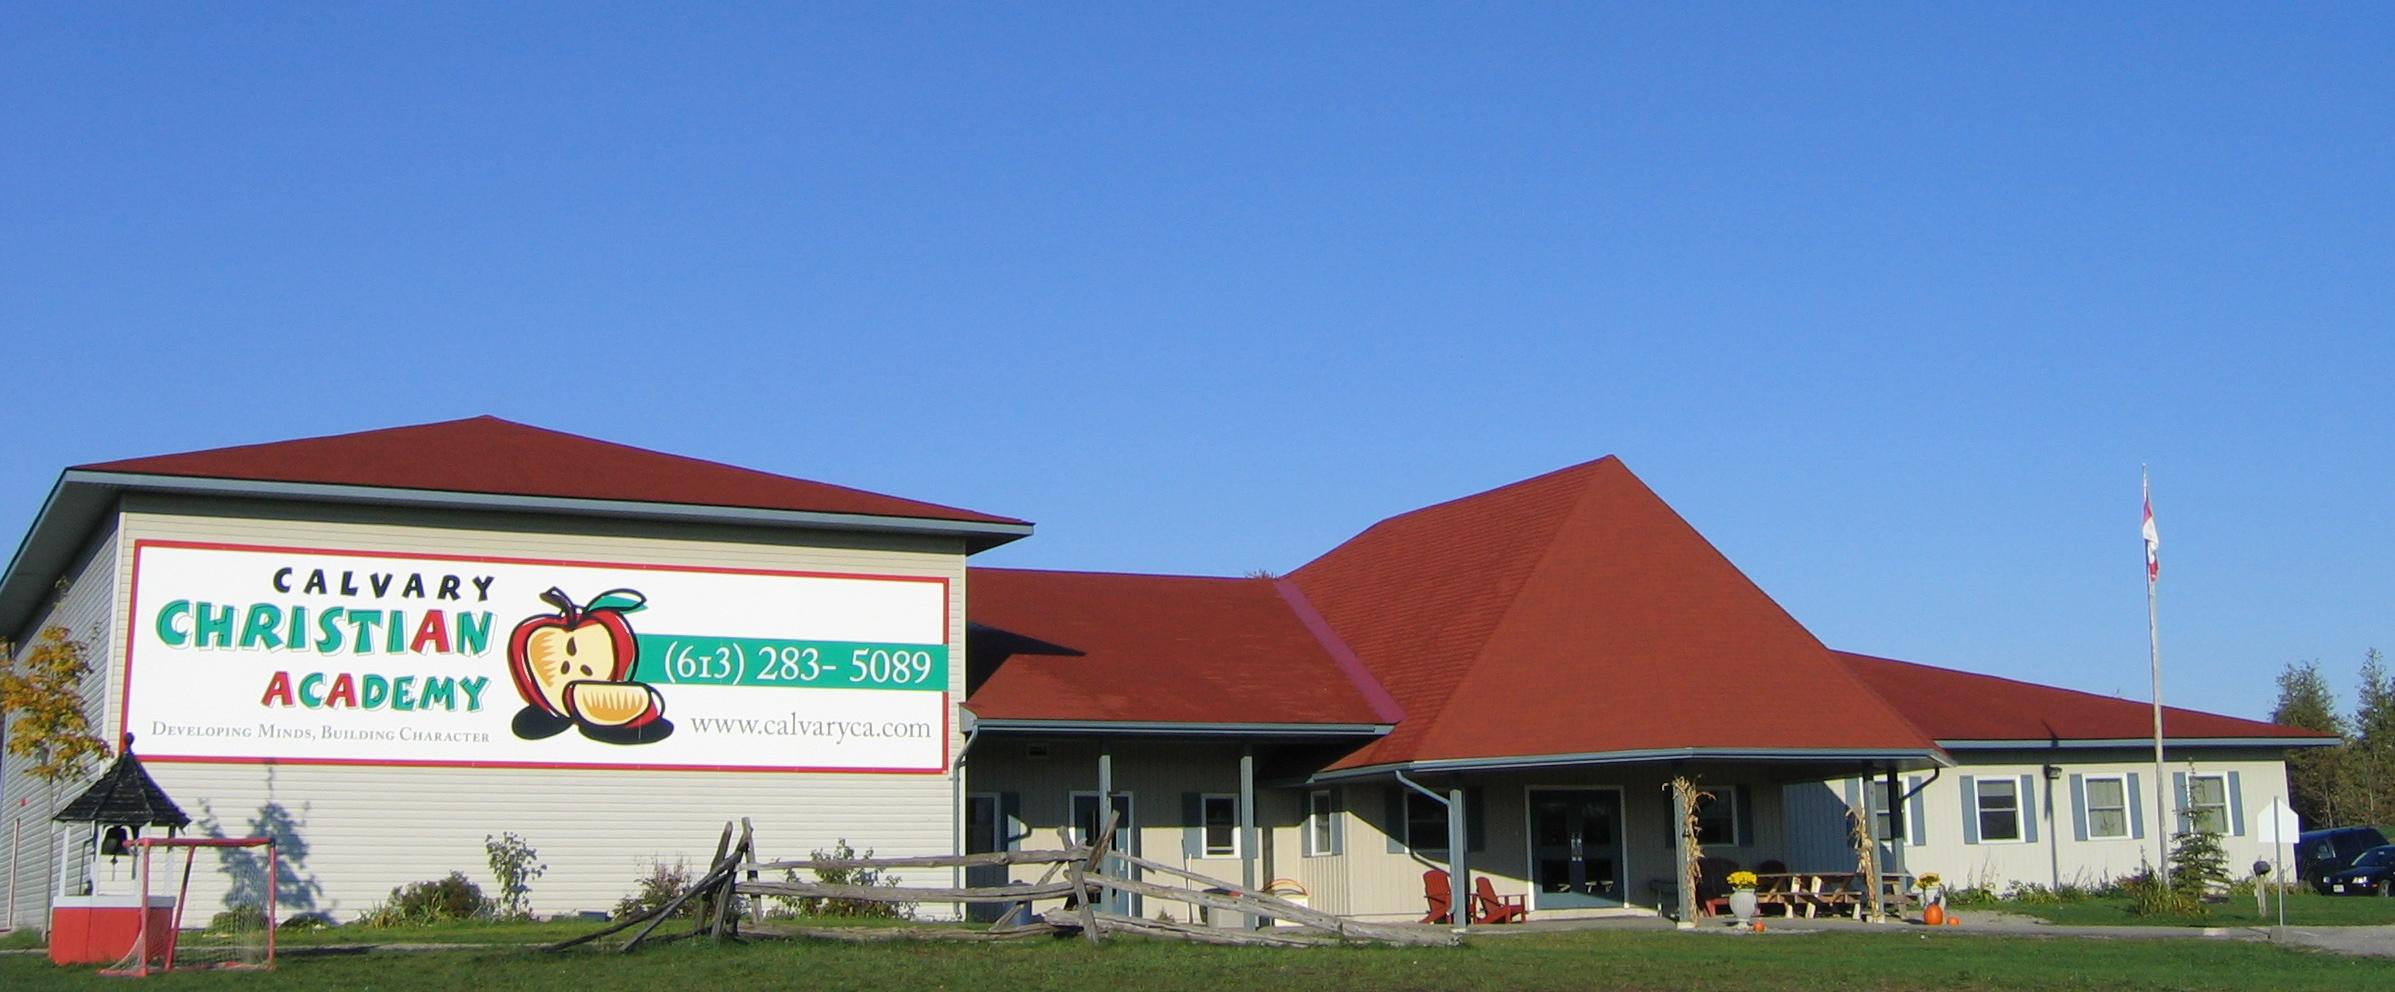 Calvary Christian Academy | 6-9749 Hwy 15, R.R., Smiths Falls, ON K7A 4S7 | +1 613-283-5089